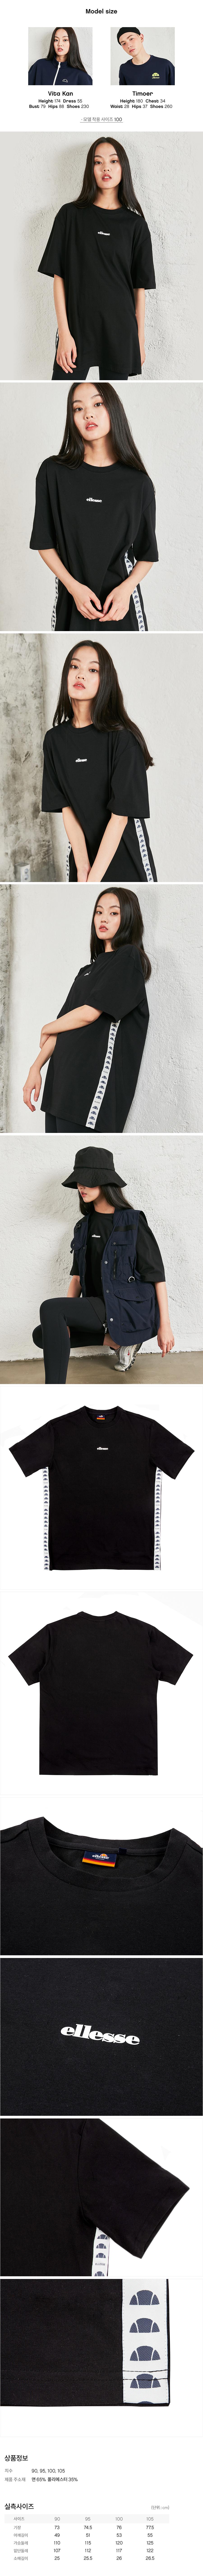 엘레쎄(ELLESSE) 테이프 포인트 반팔 티셔츠 (블랙)EJ2UHTR335